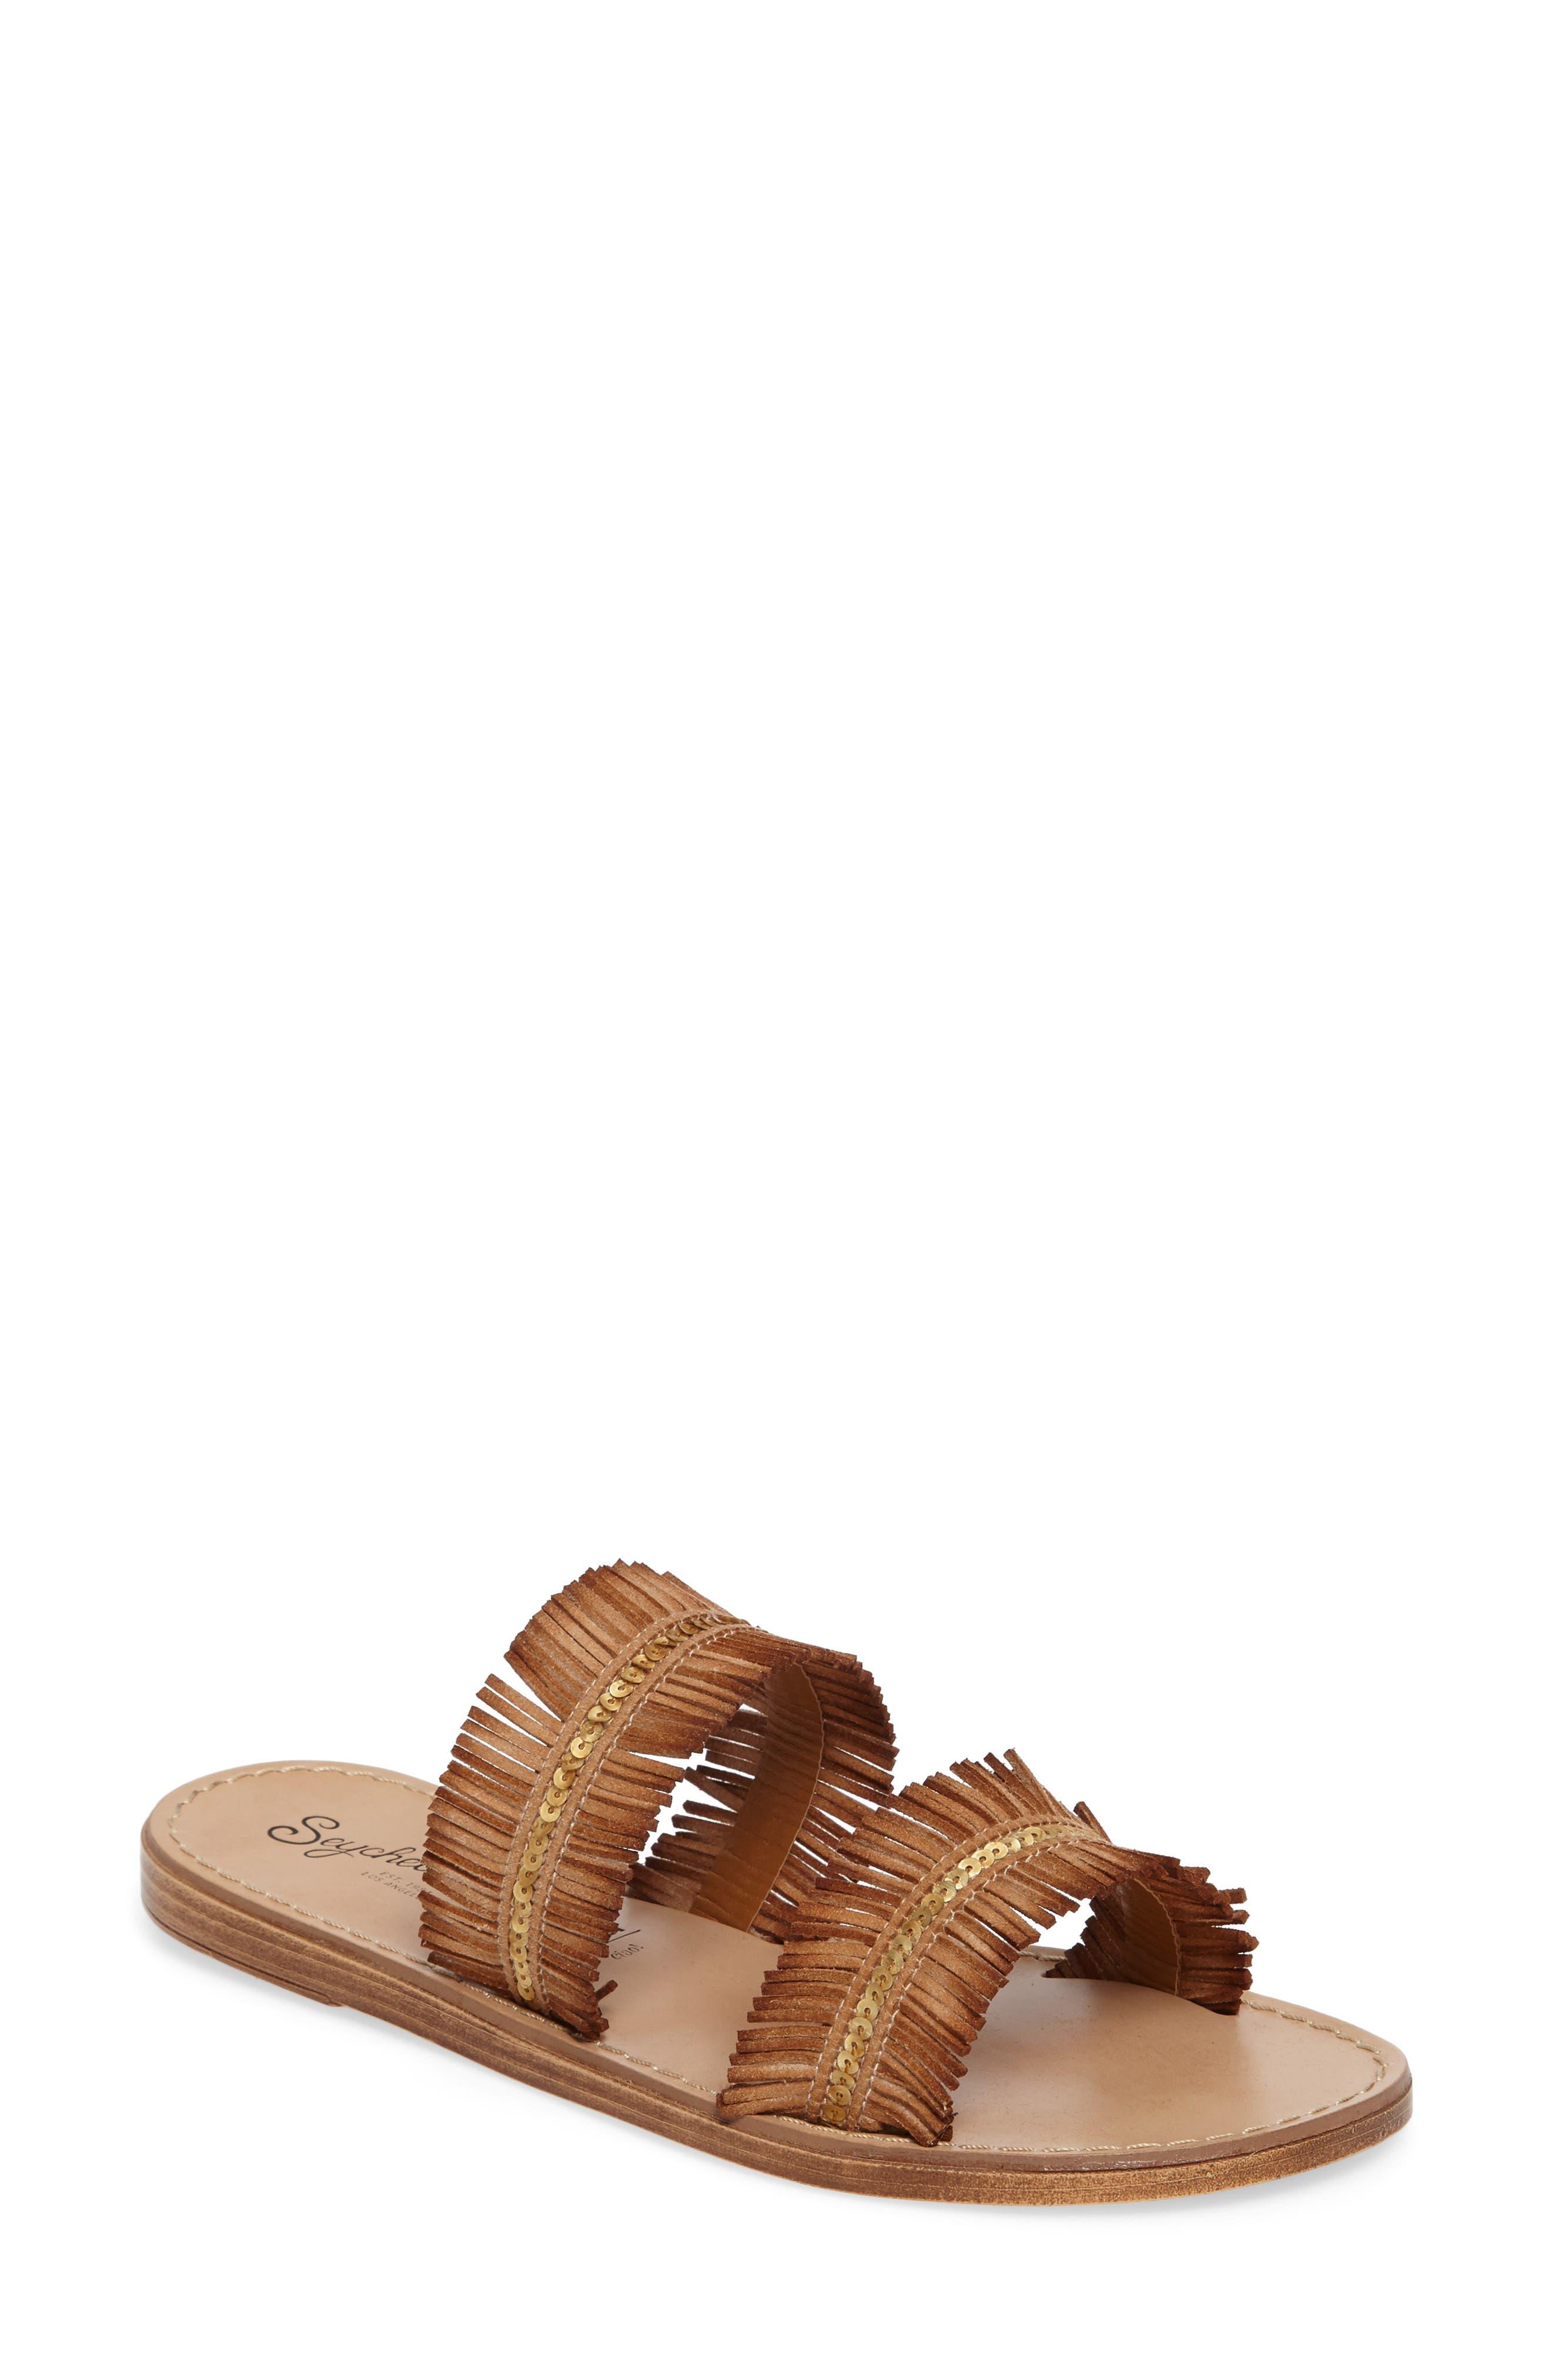 f33174a754b Seychelles Shoes